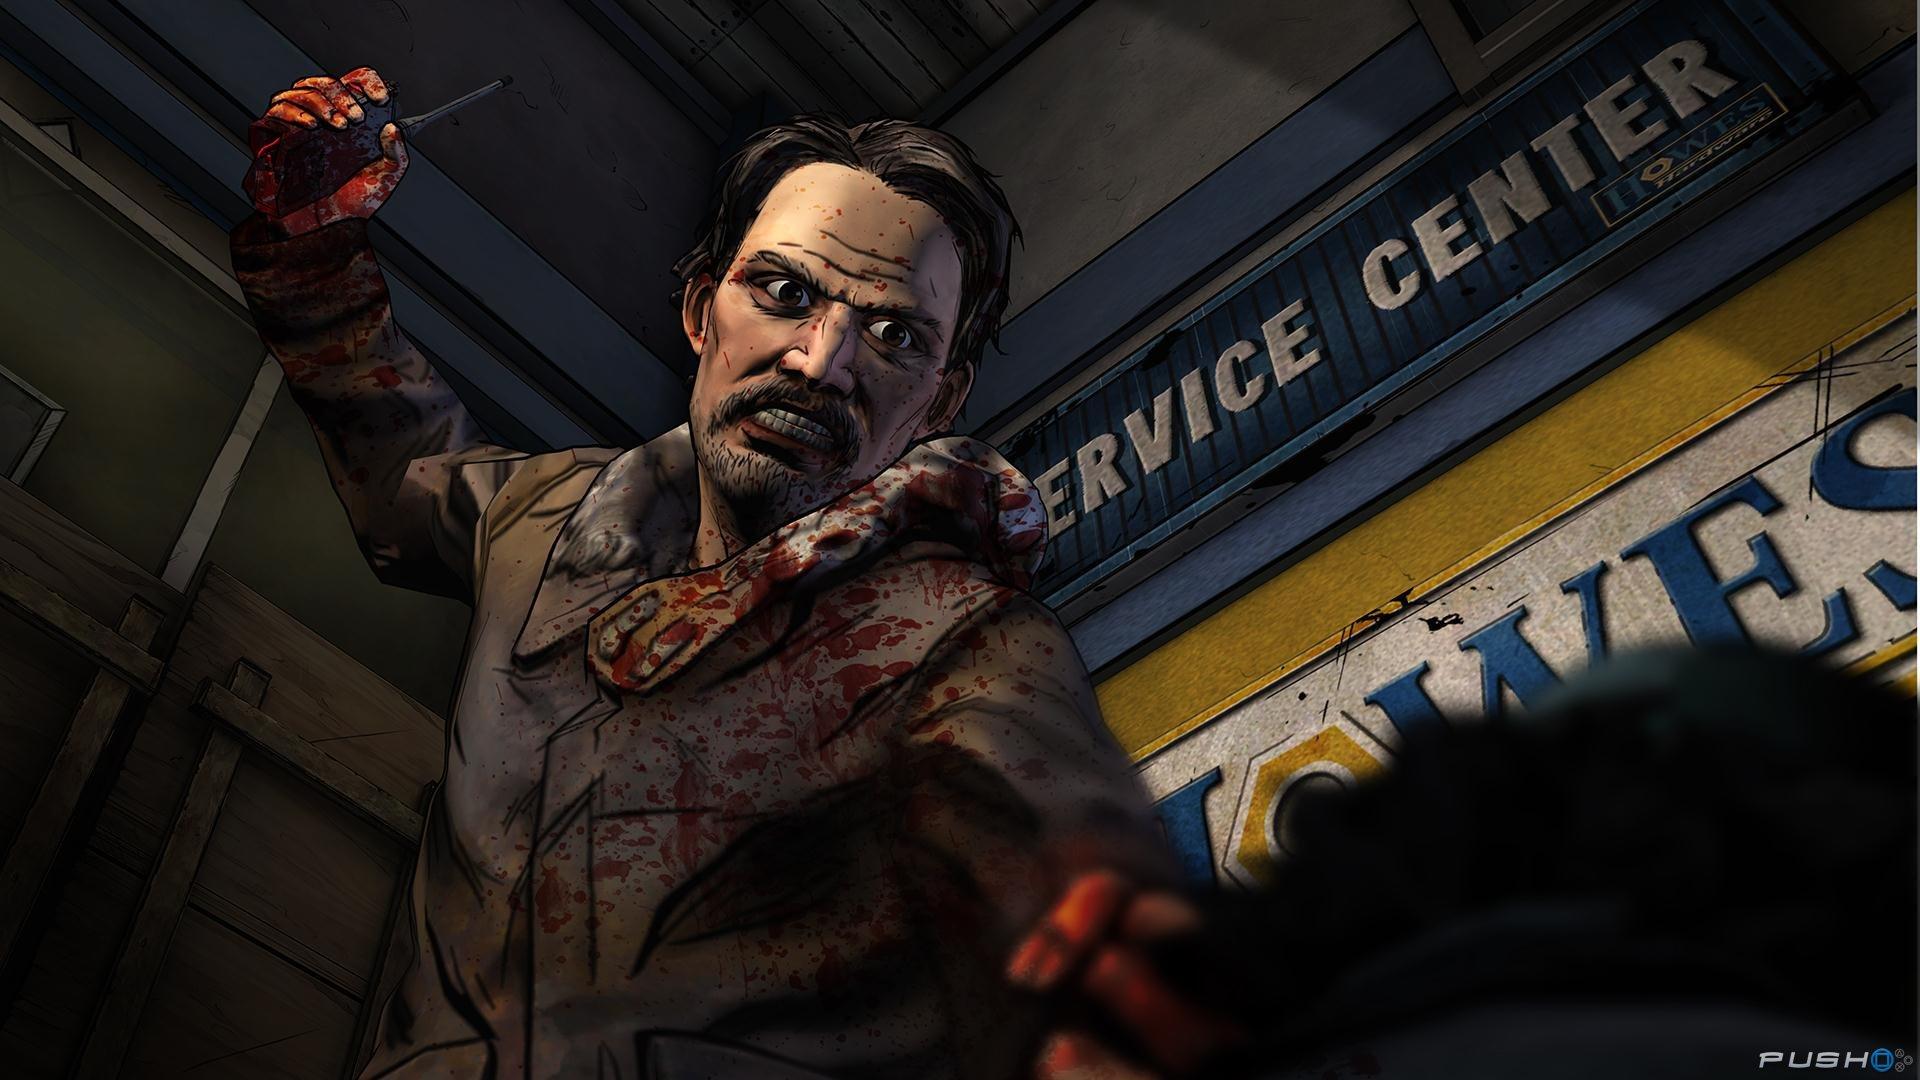 The Walking Dead Season 2: Episode 3